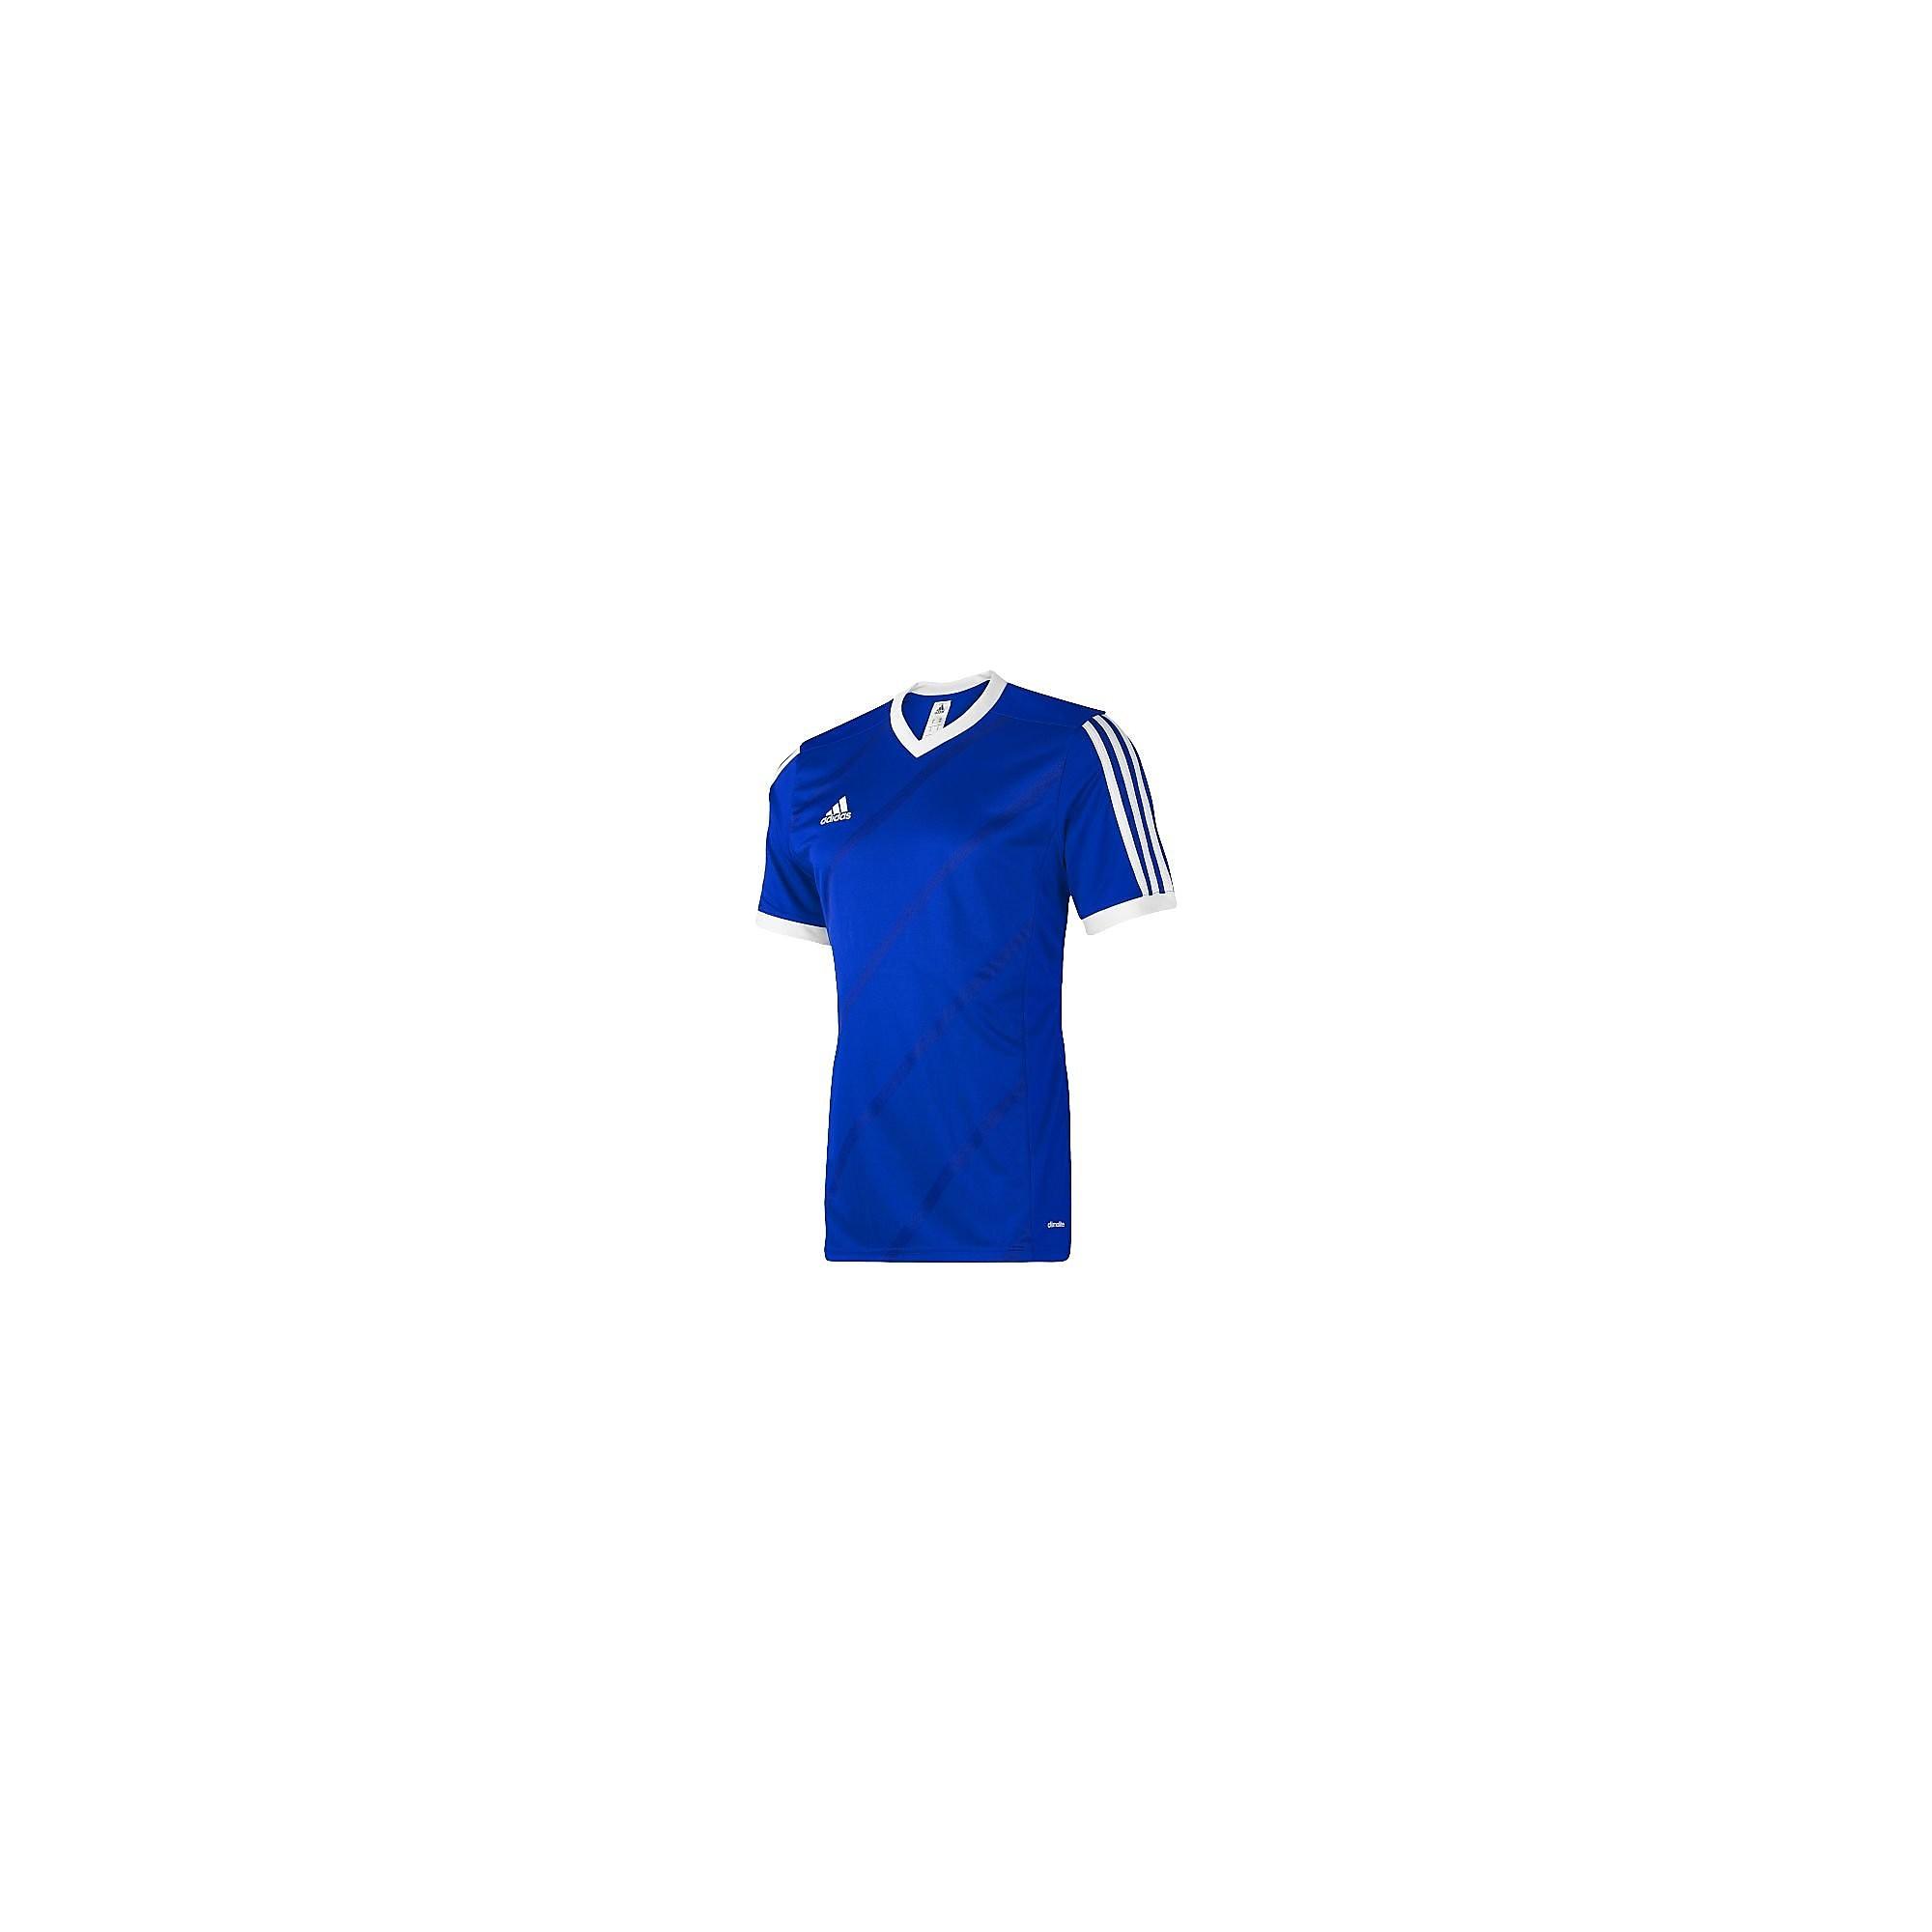 Tabela 14 Voetbalshirt Blauw/Wit Heren - Blue/White